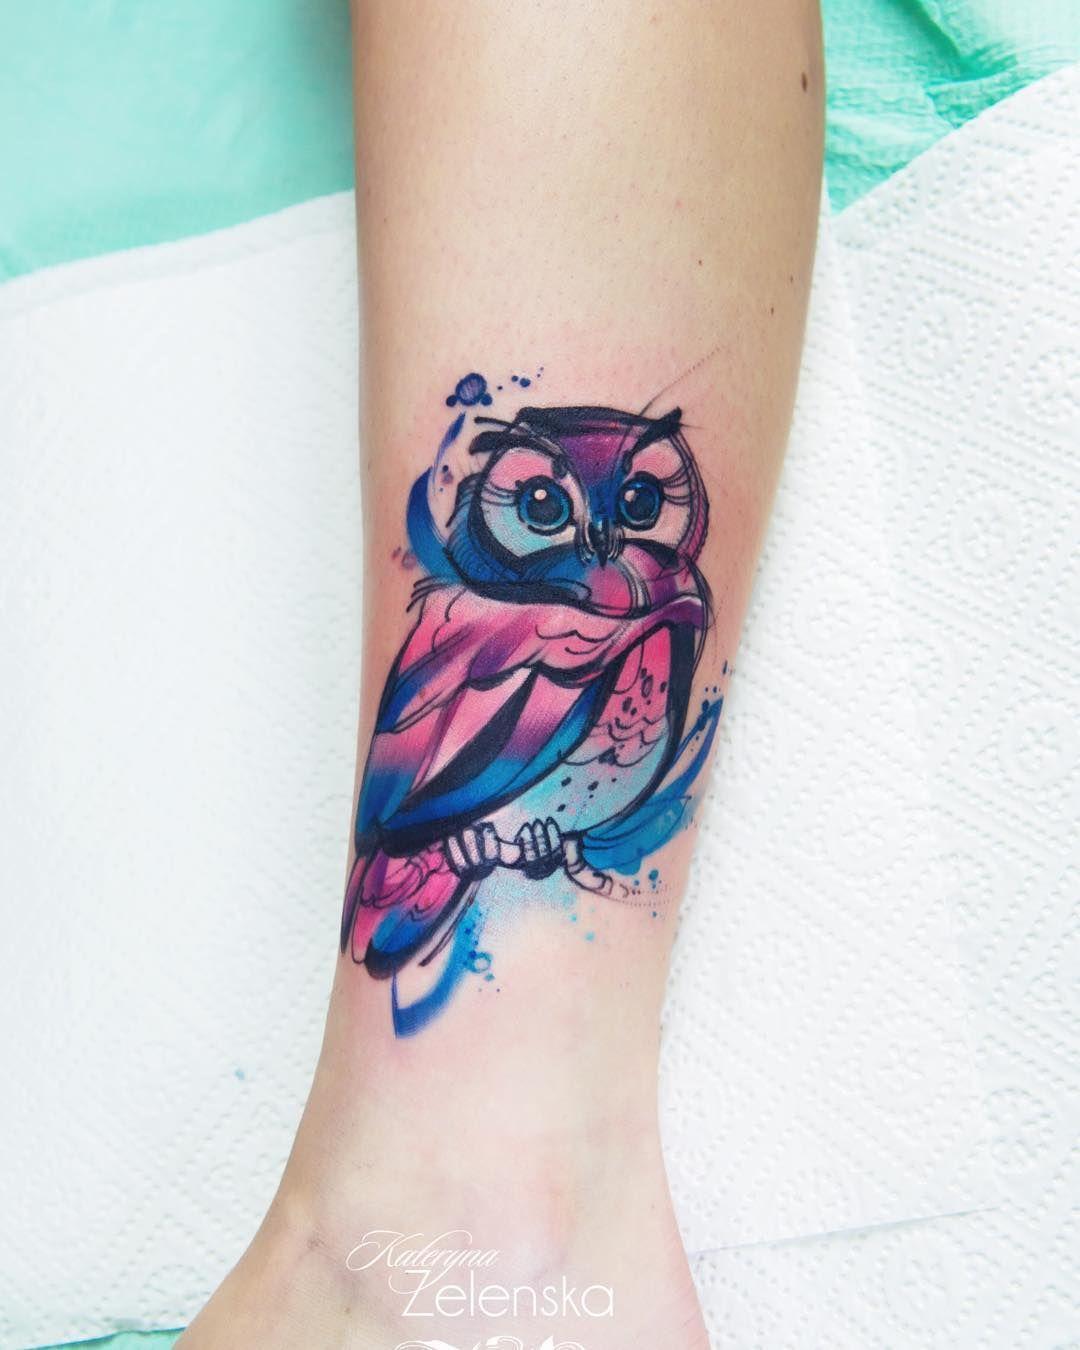 tattoo tattoozelenska ink tattooink inktattoo